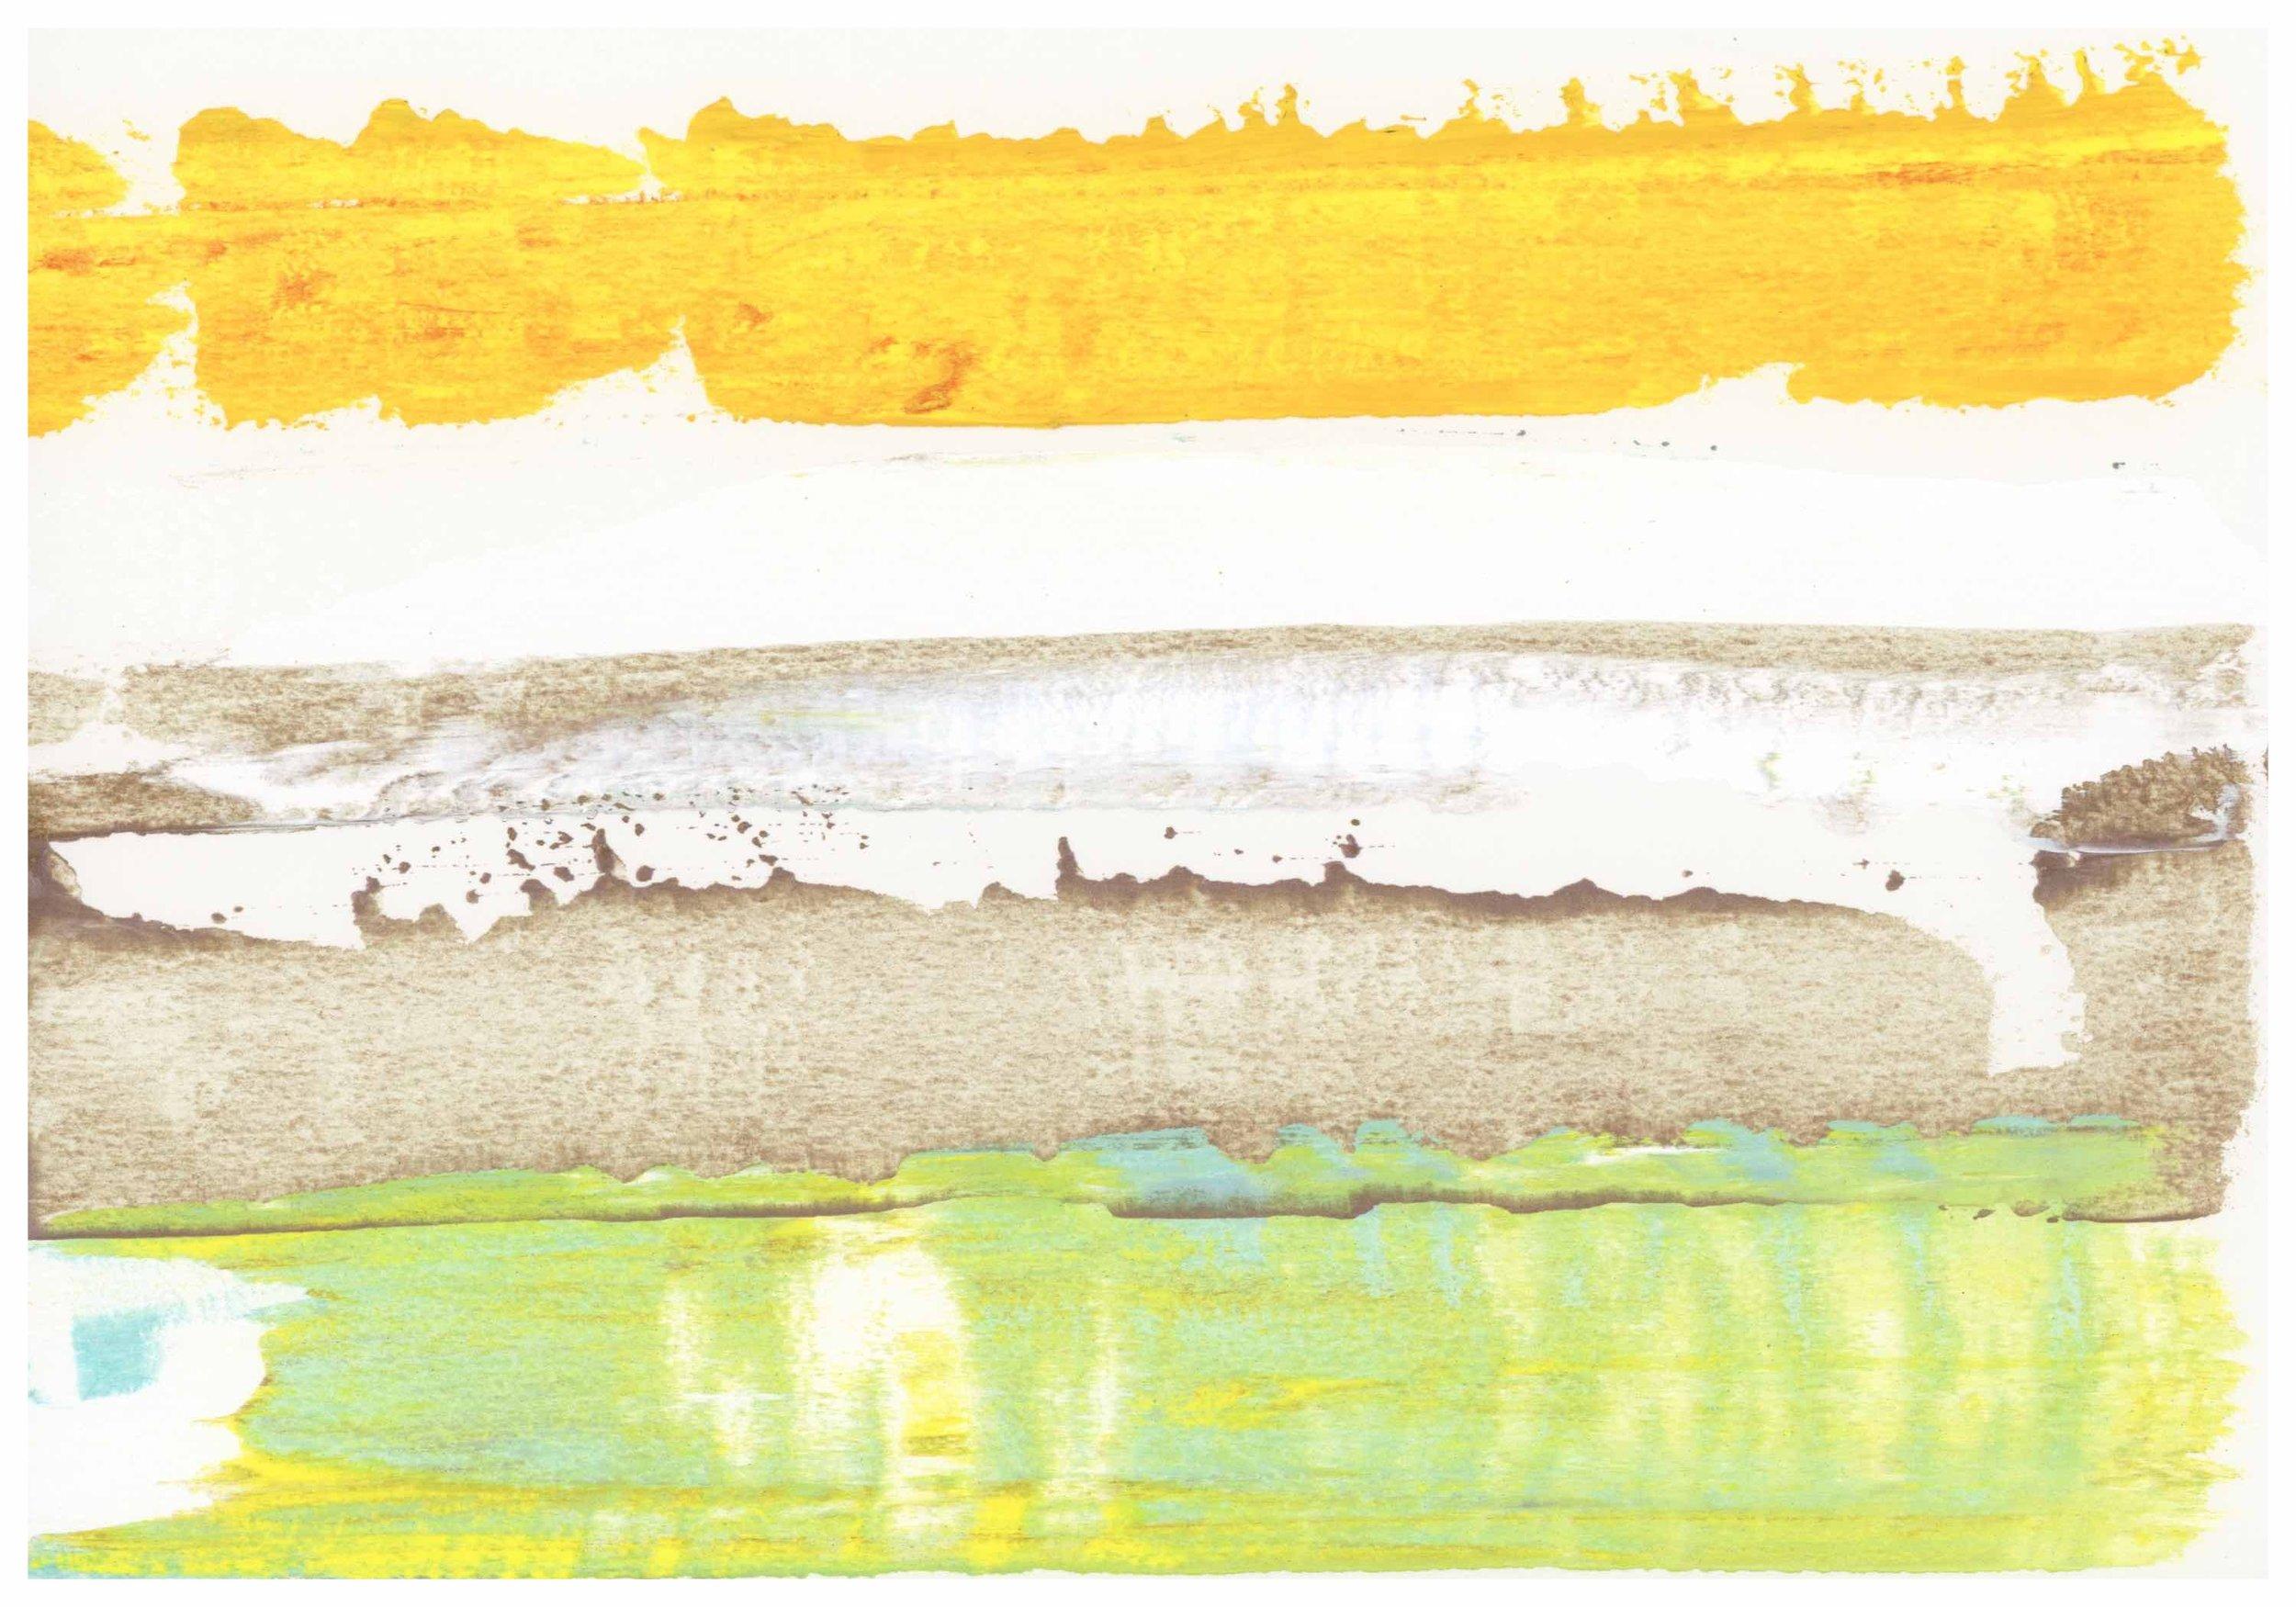 pb#14, 7x10, paper, acrylics, 2018